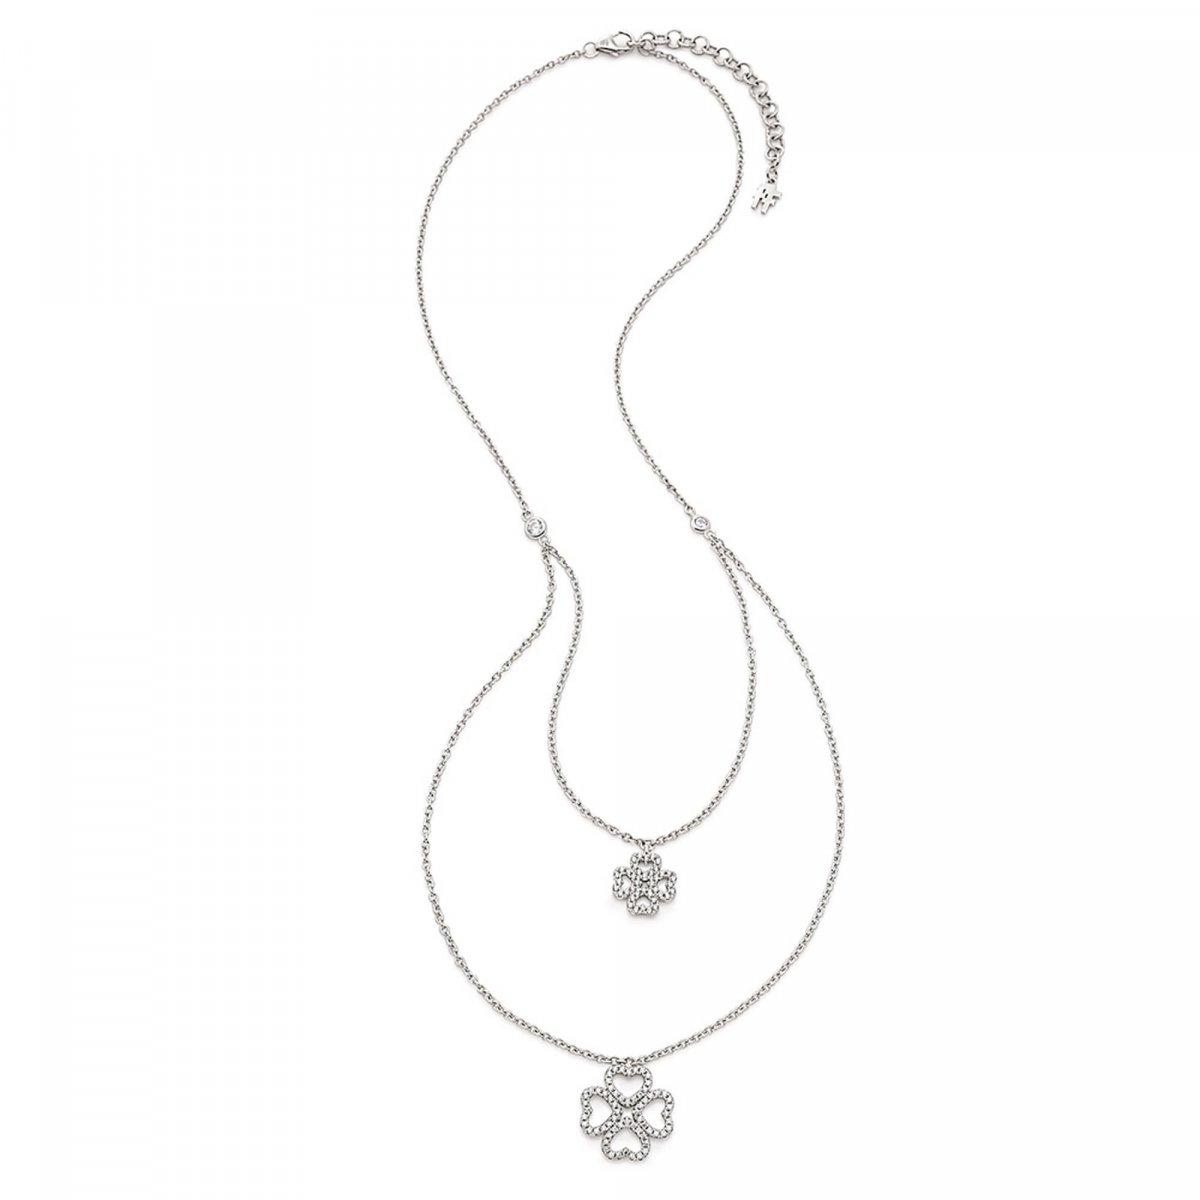 Strieborný náhrdelník FOLLI FOLLIE s motívom srdiečok